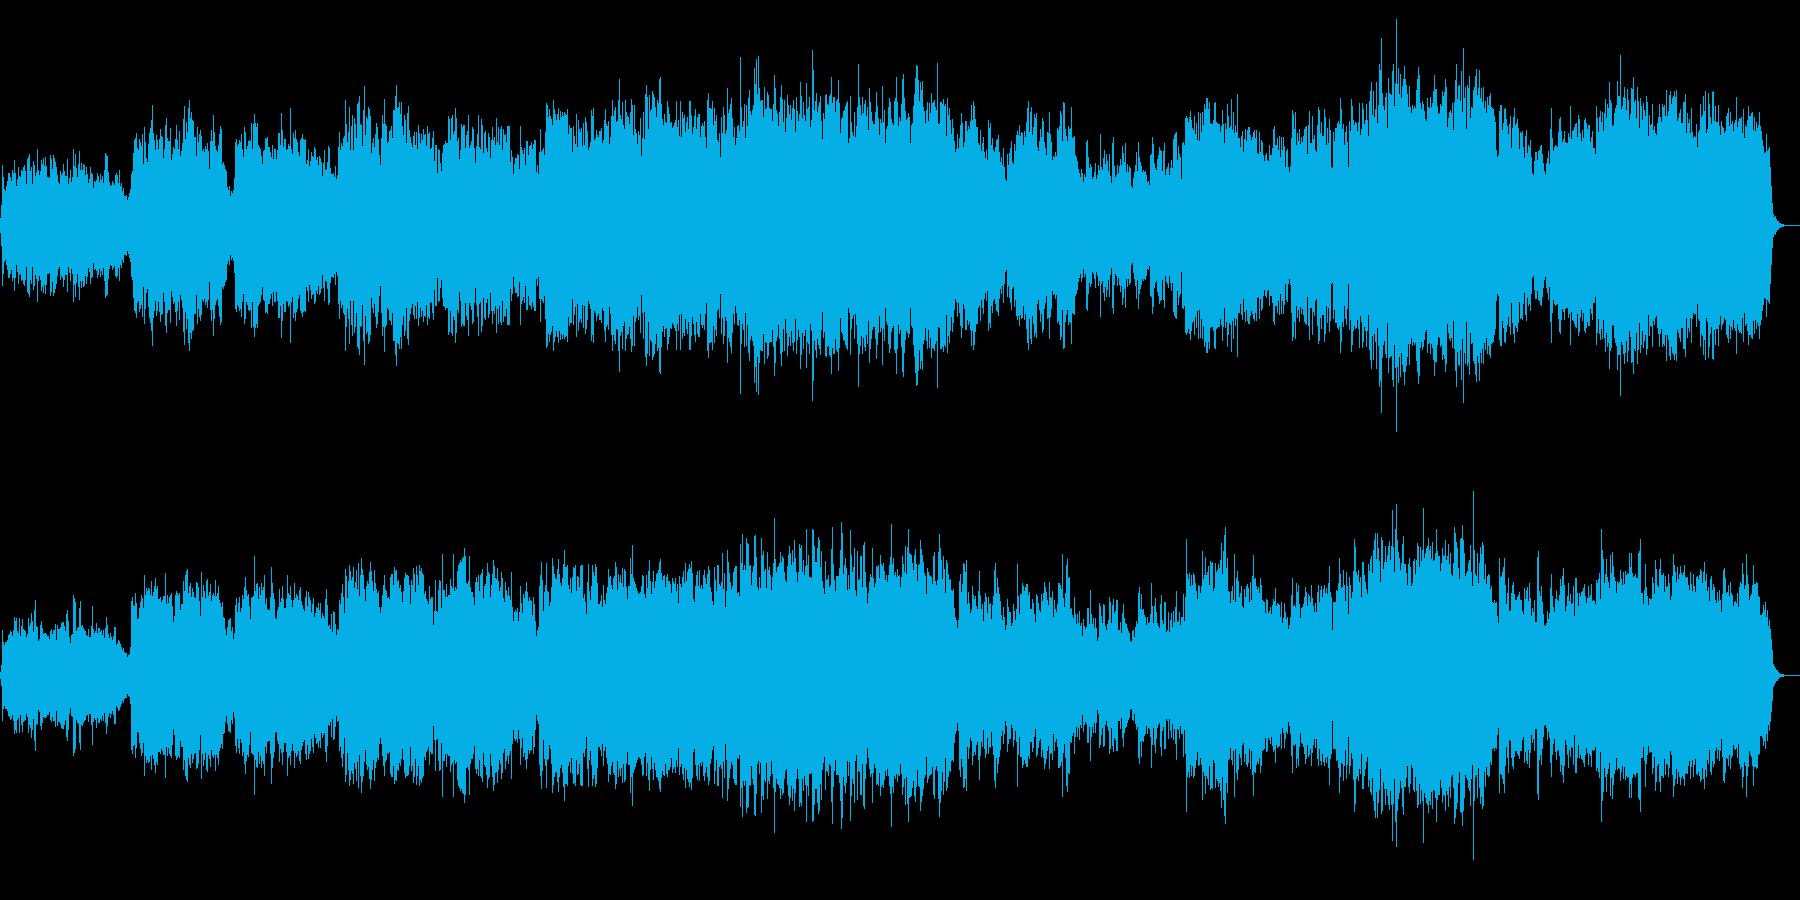 黄昏時の感動的なトランペットのBGMの再生済みの波形